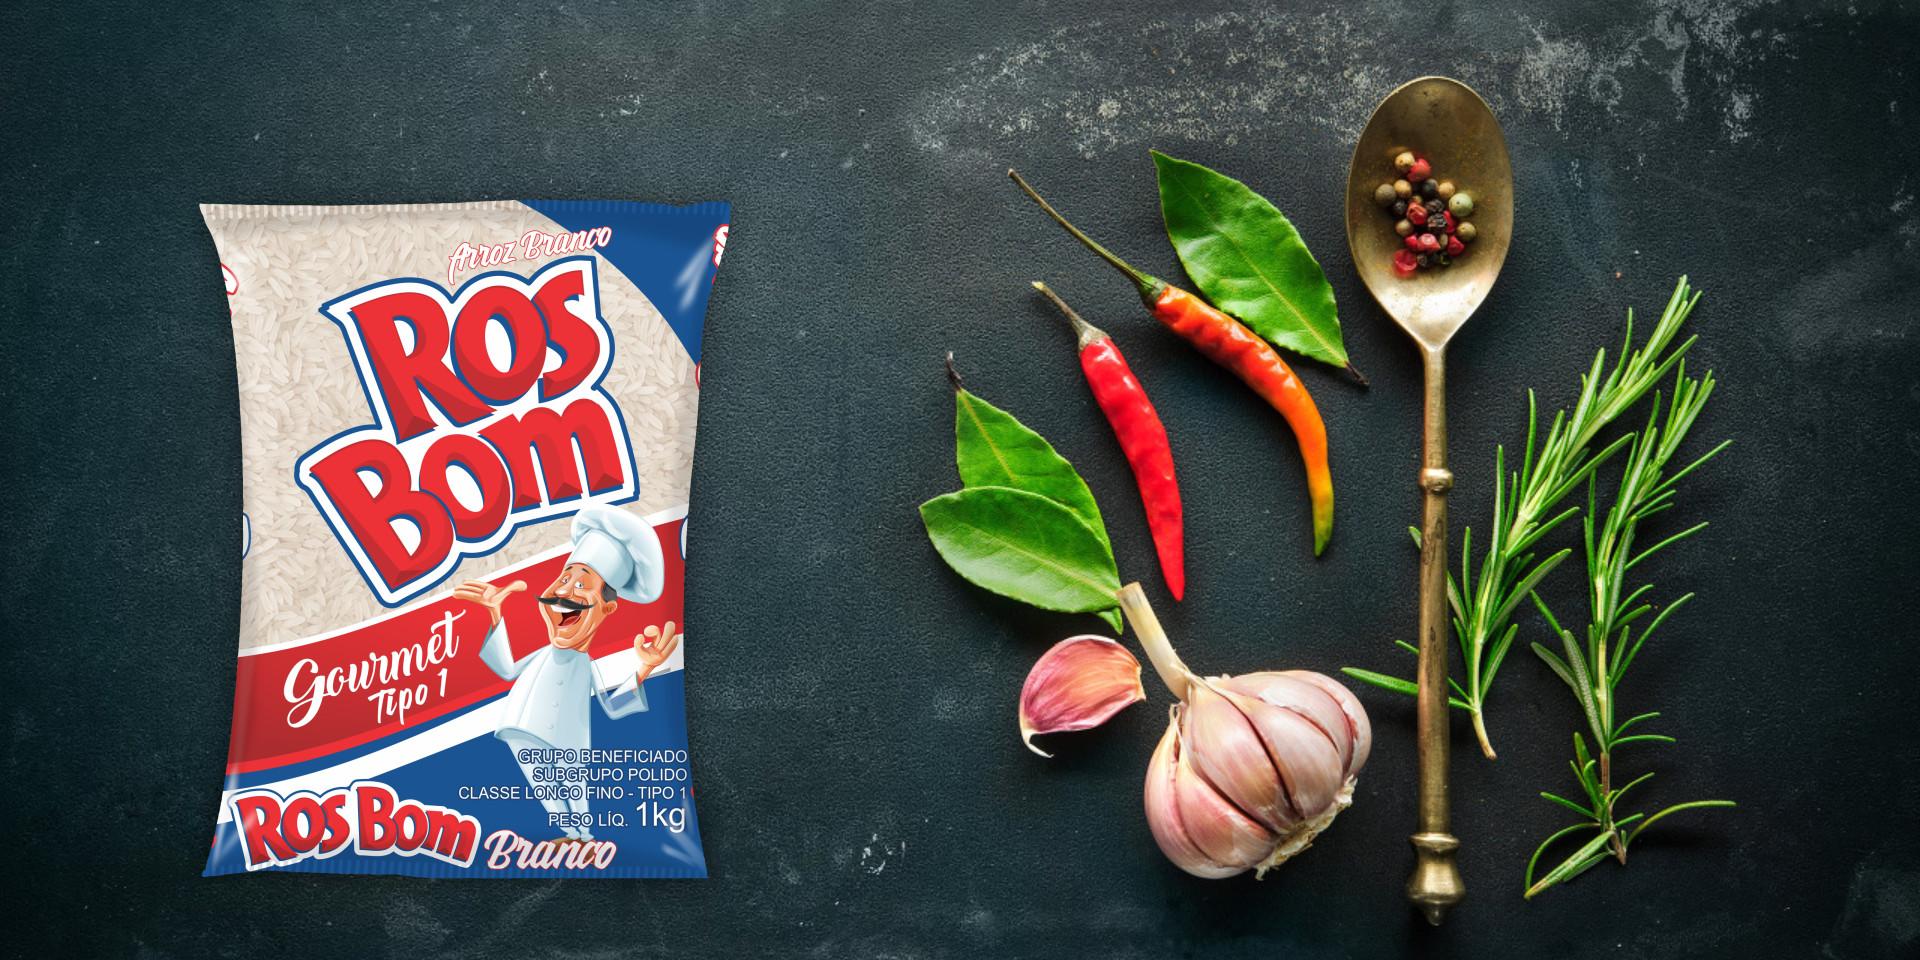 Imagem de fundo mostra as embalagens do arroz branco RosBom, pimentas, alho e uma colher